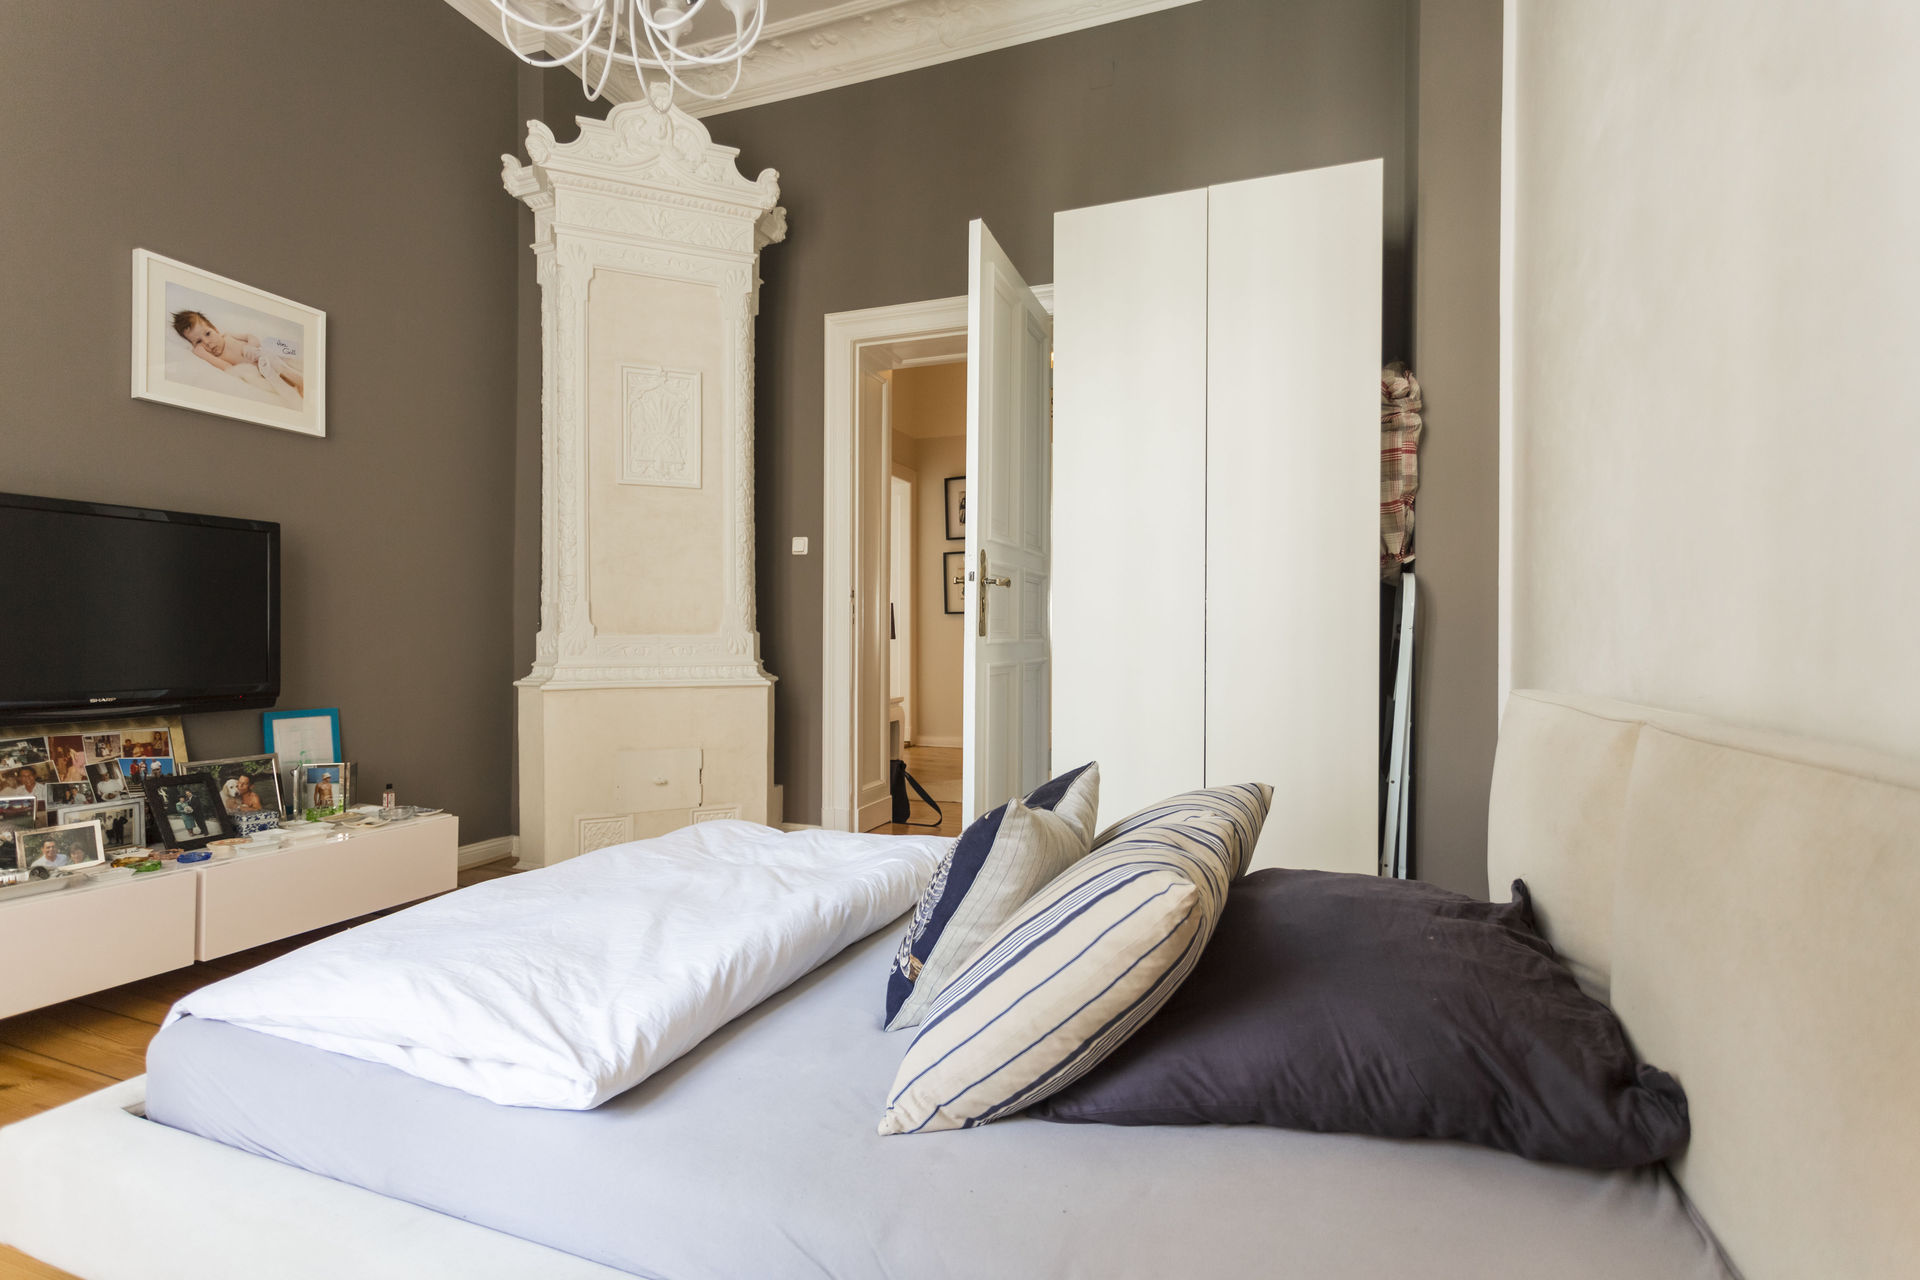 Wohnideen schlafzimmer modern: lewis lighting benton ar modern ...